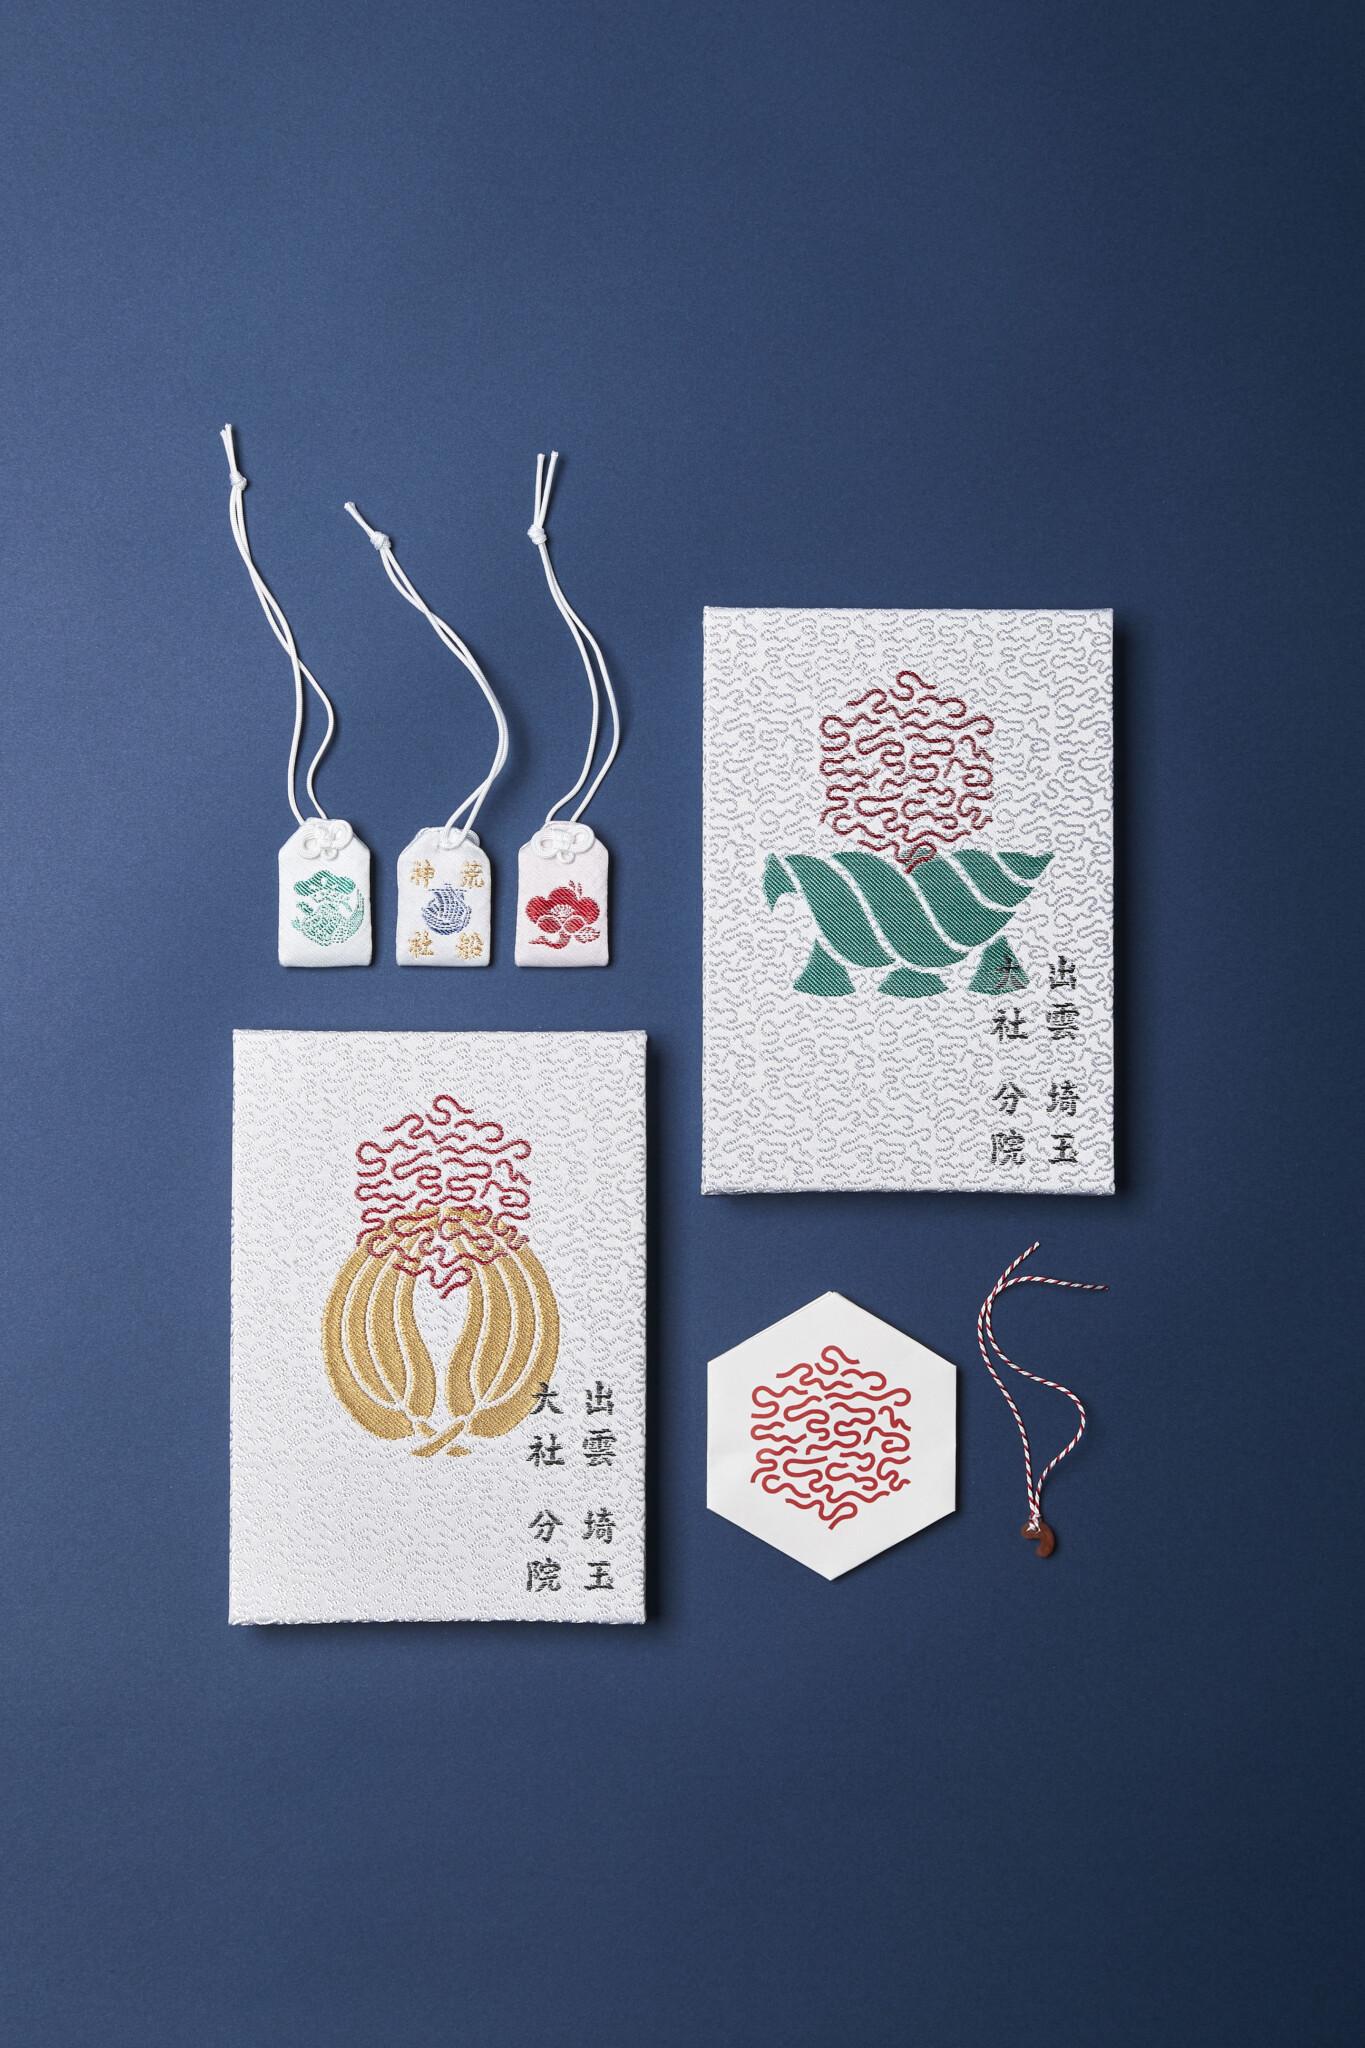 【2021年開運】デザイナーやアーティストが手掛ける神社の授与品たち。世界的デザインアワードで認められた品も!